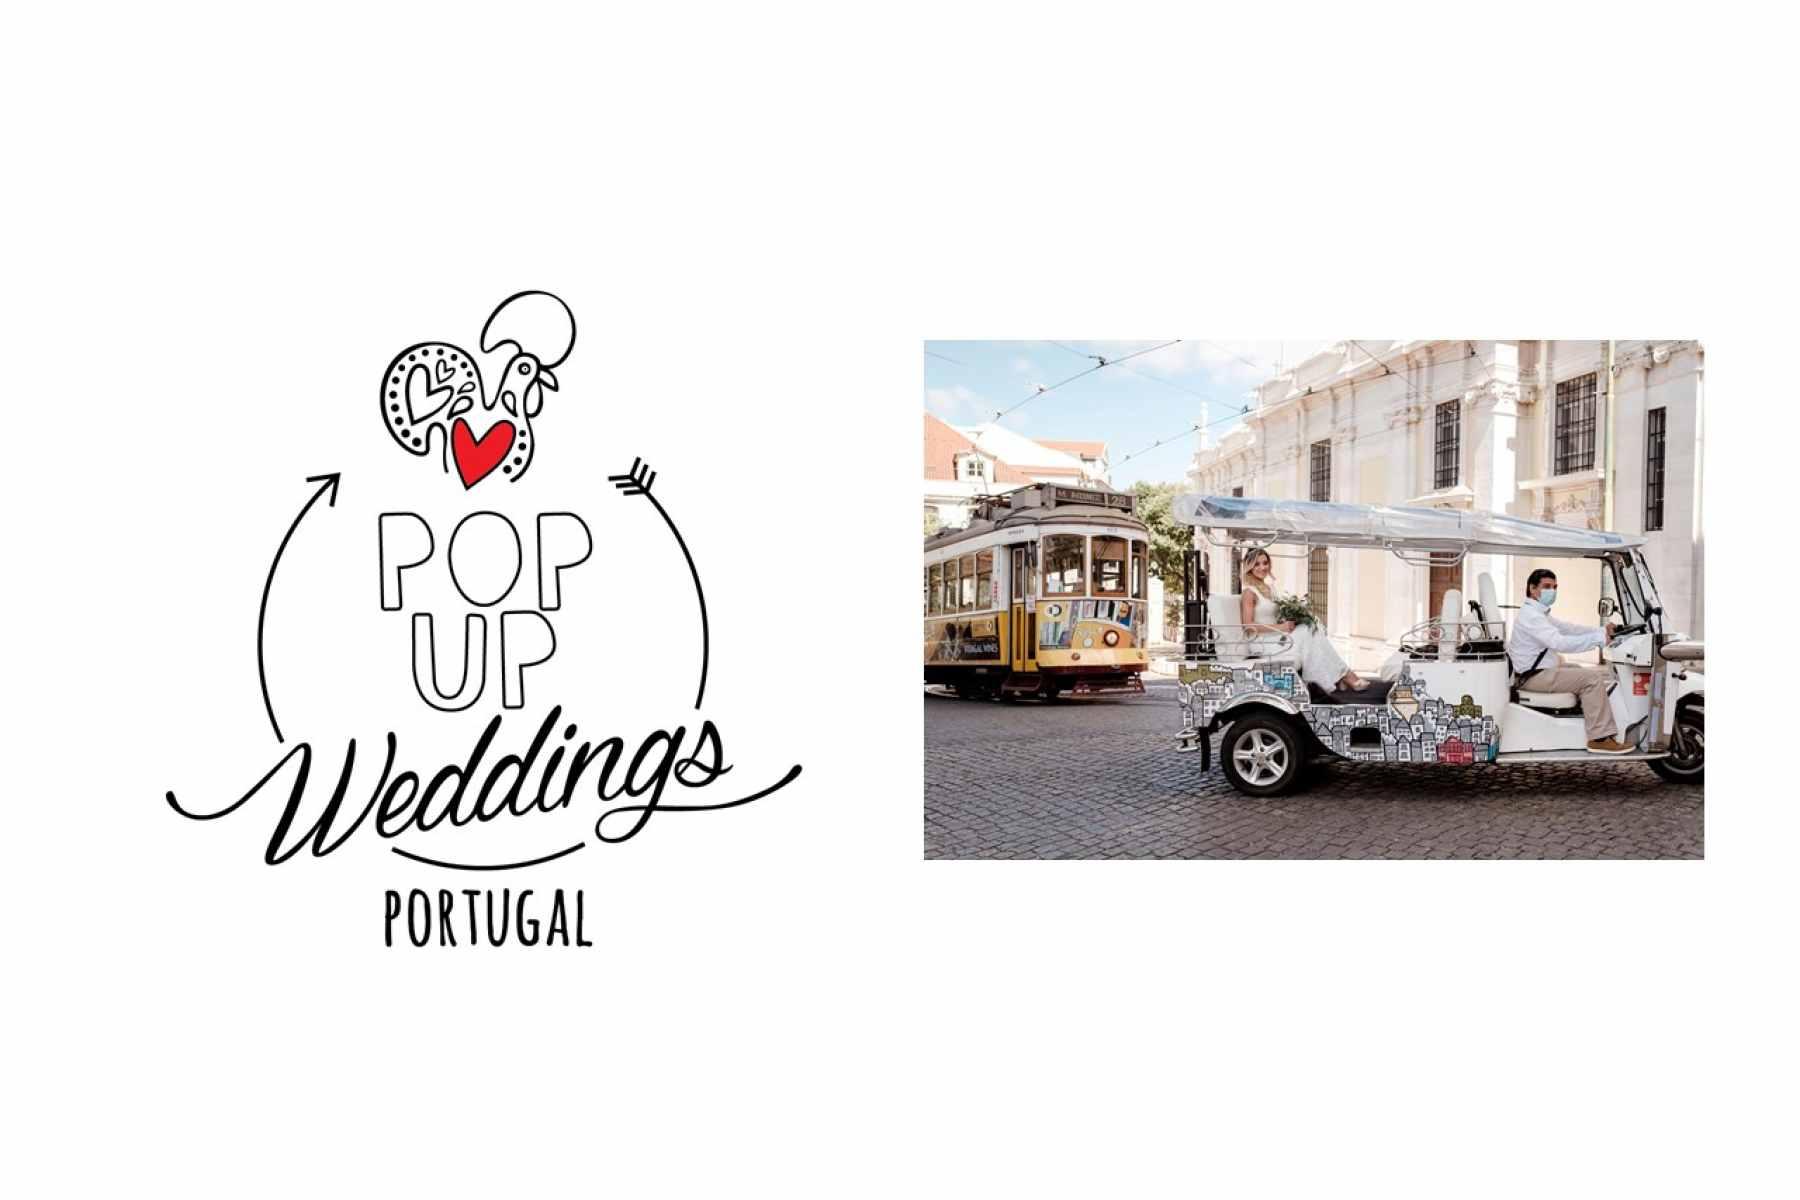 Pop Up Weddings Portugal